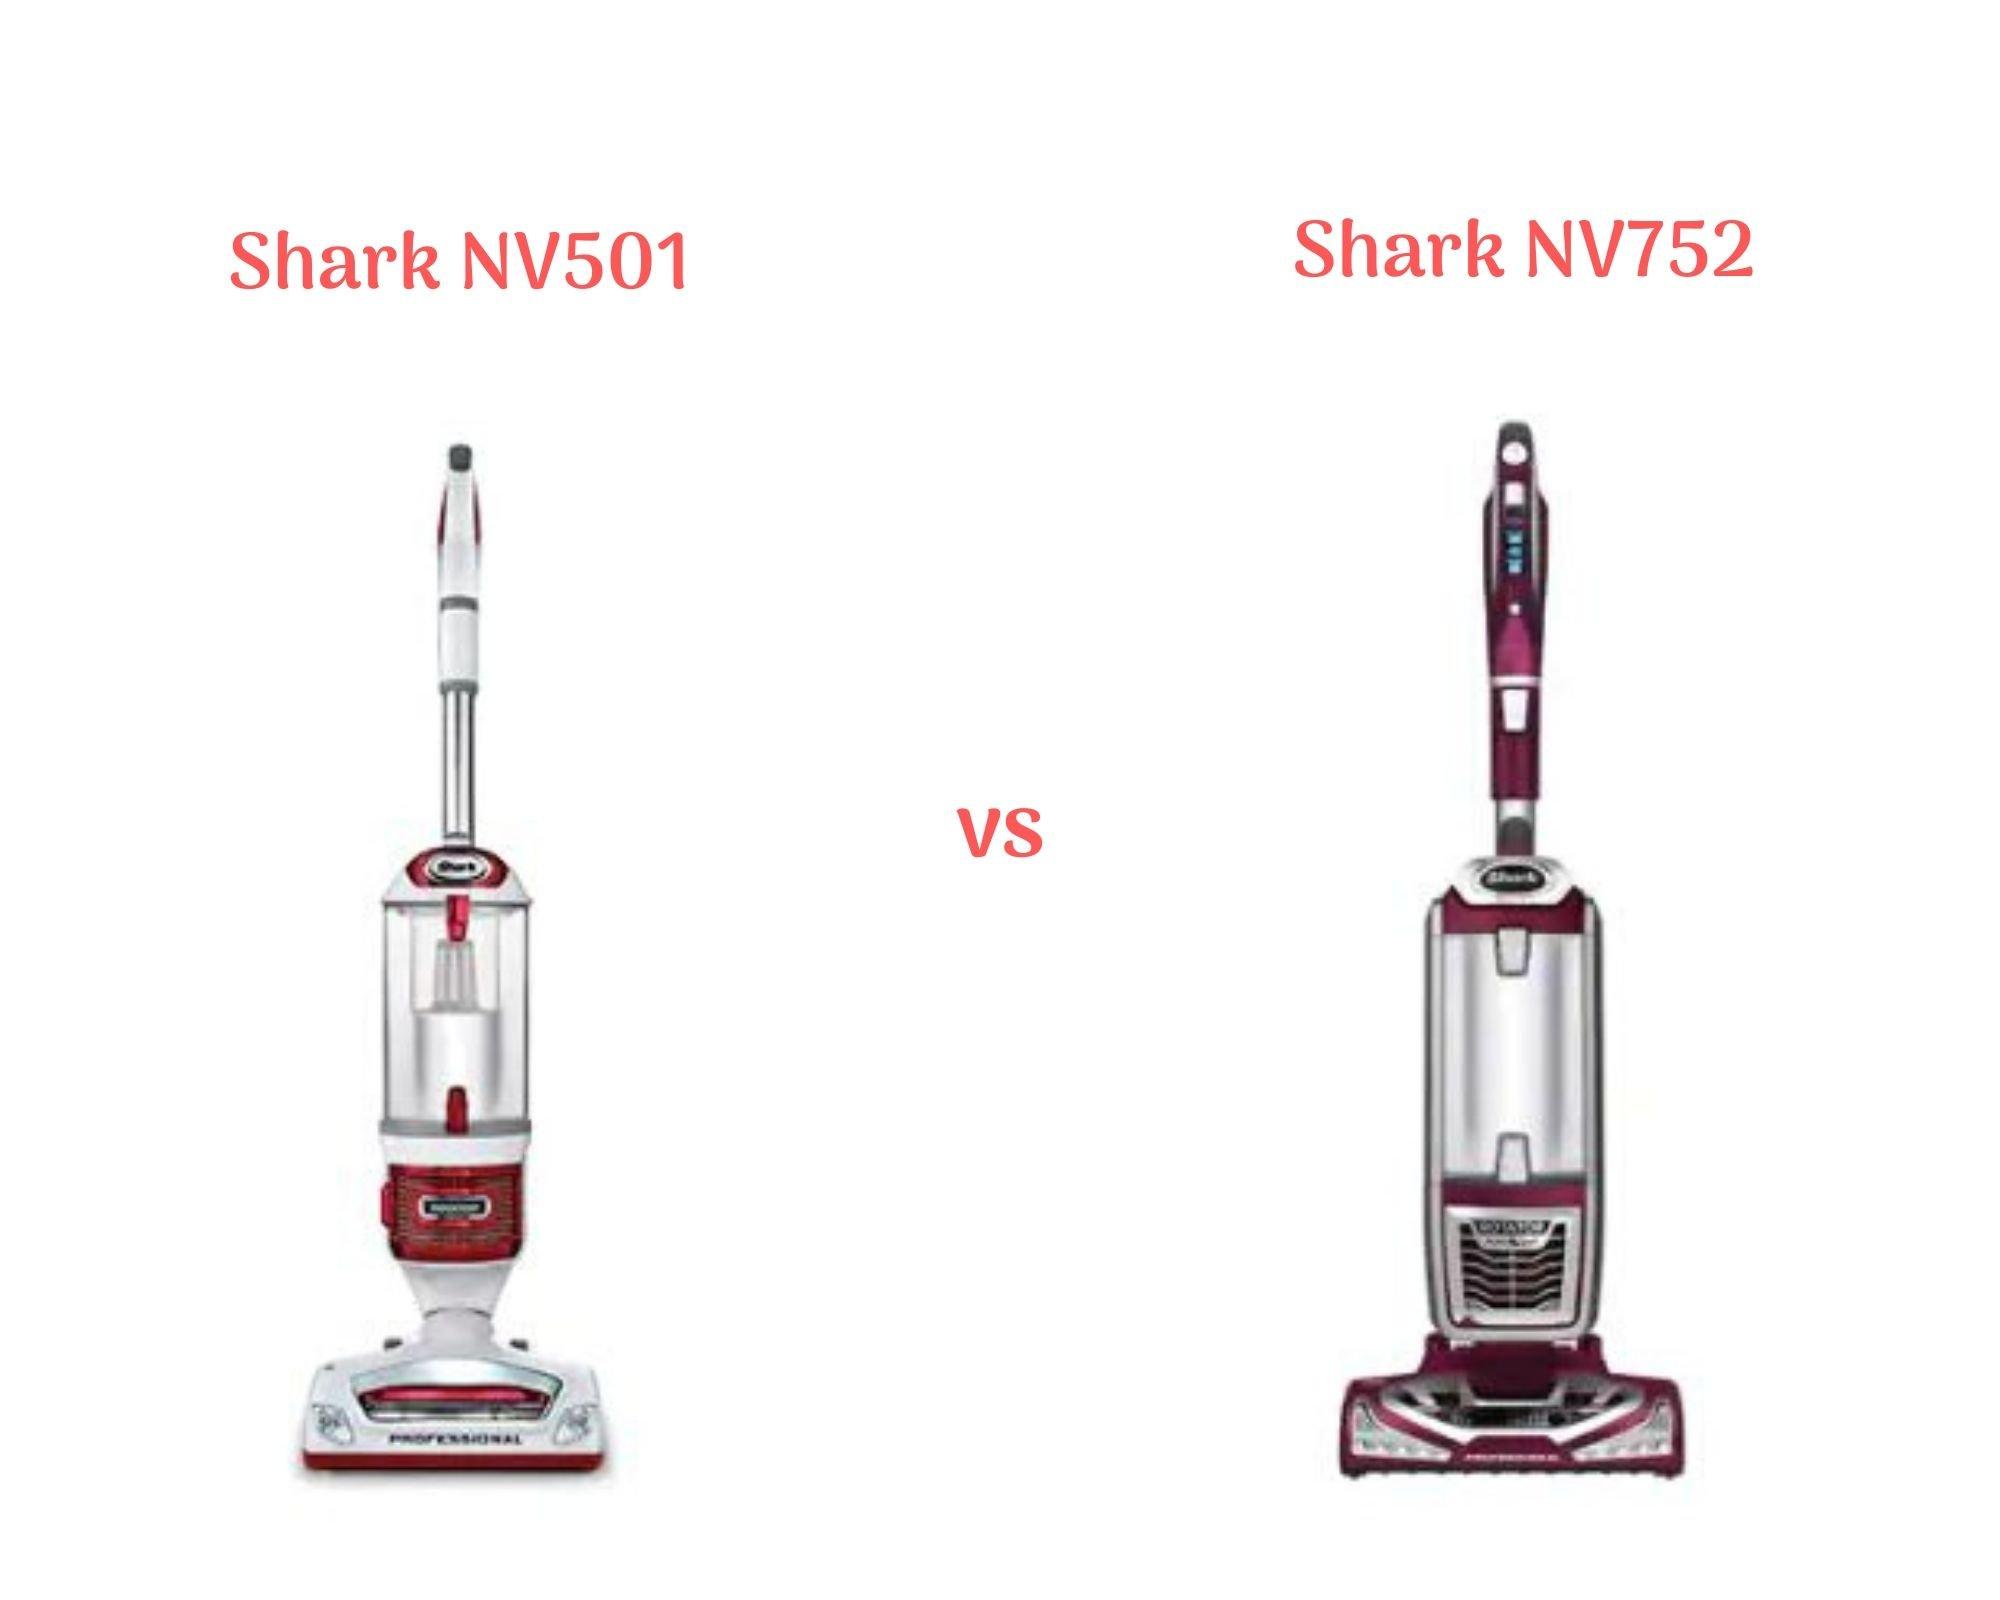 Shark NV501 vs NV752